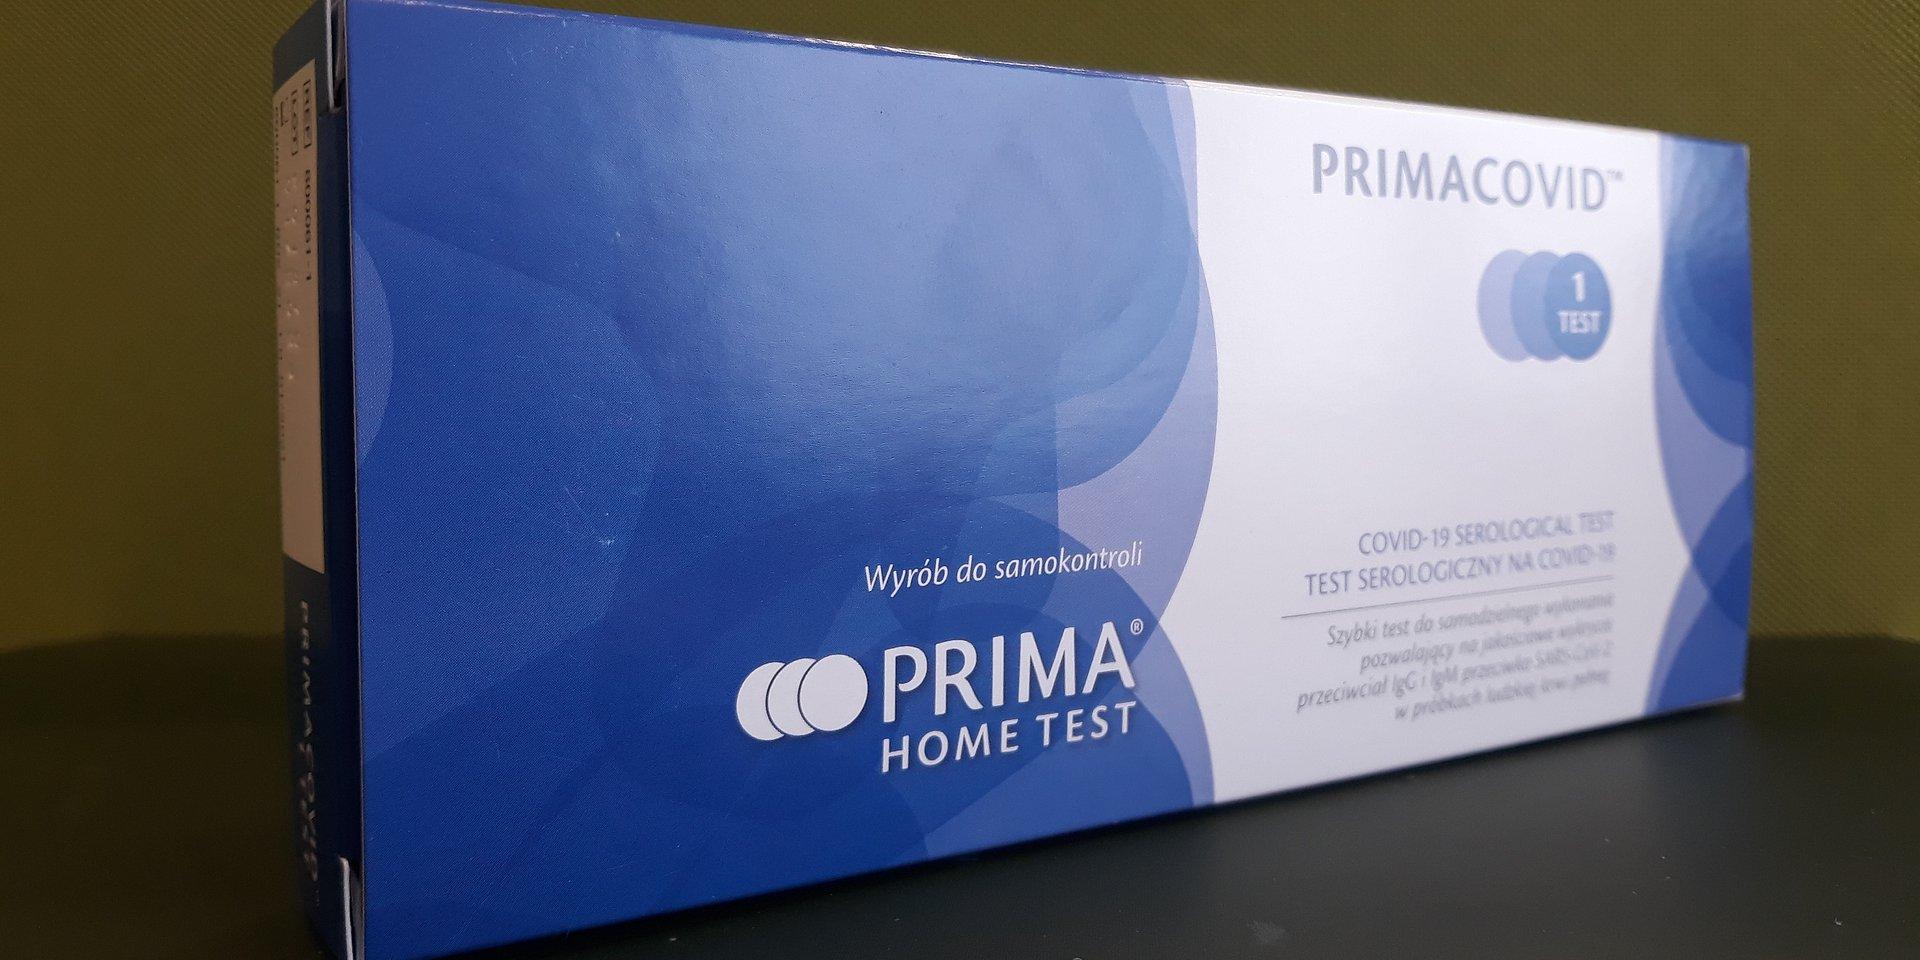 Testy na przeciwciała Covid-19 pojawią się ponownie w sklepach Biedronka